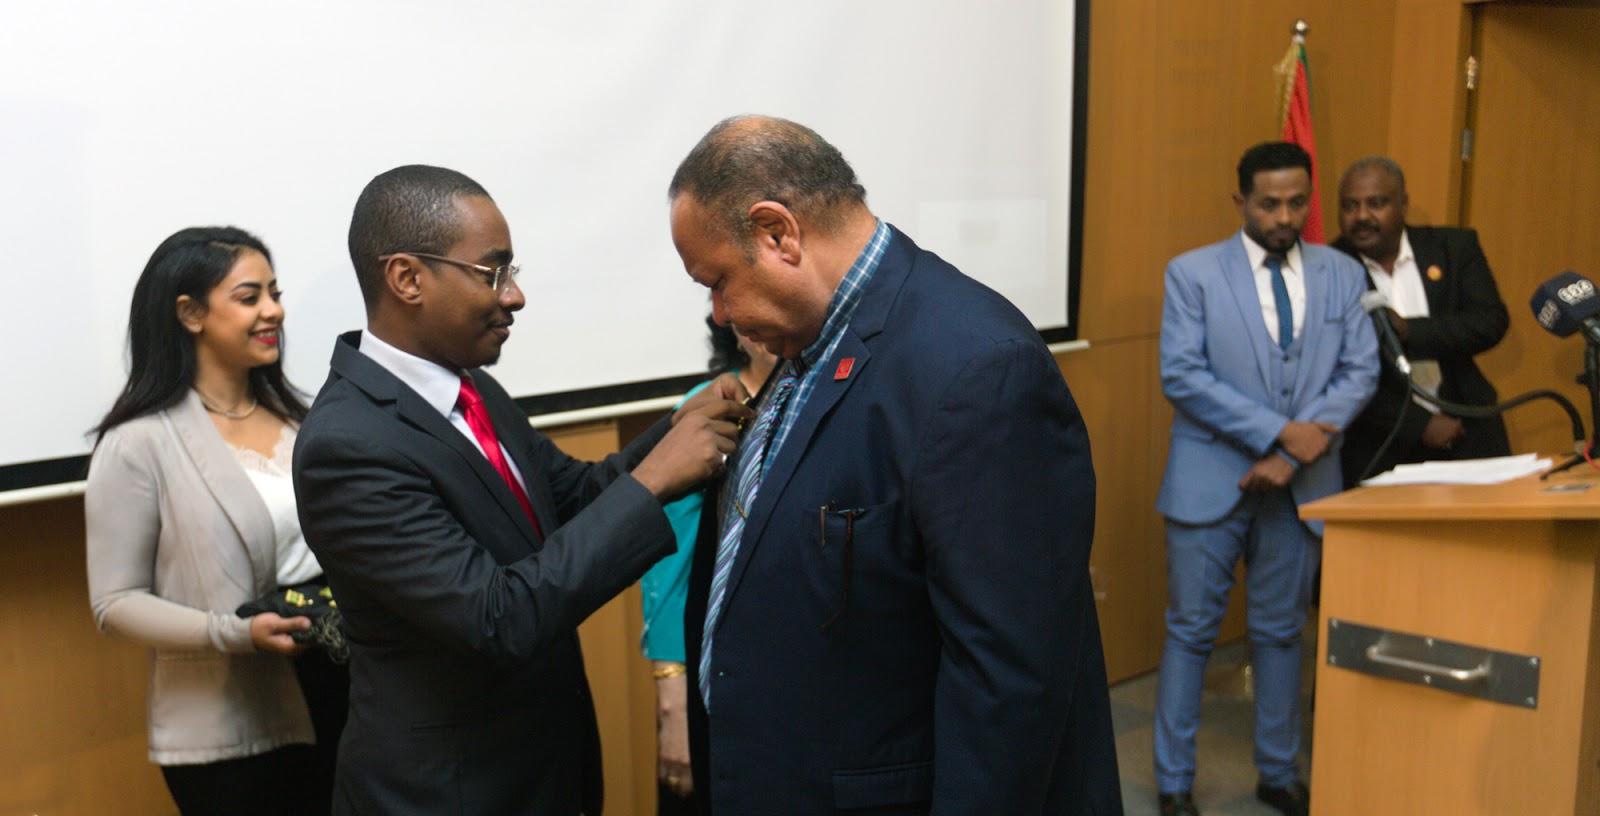 معالي السفير سعيد زكي خلال تسليم الأوسمة